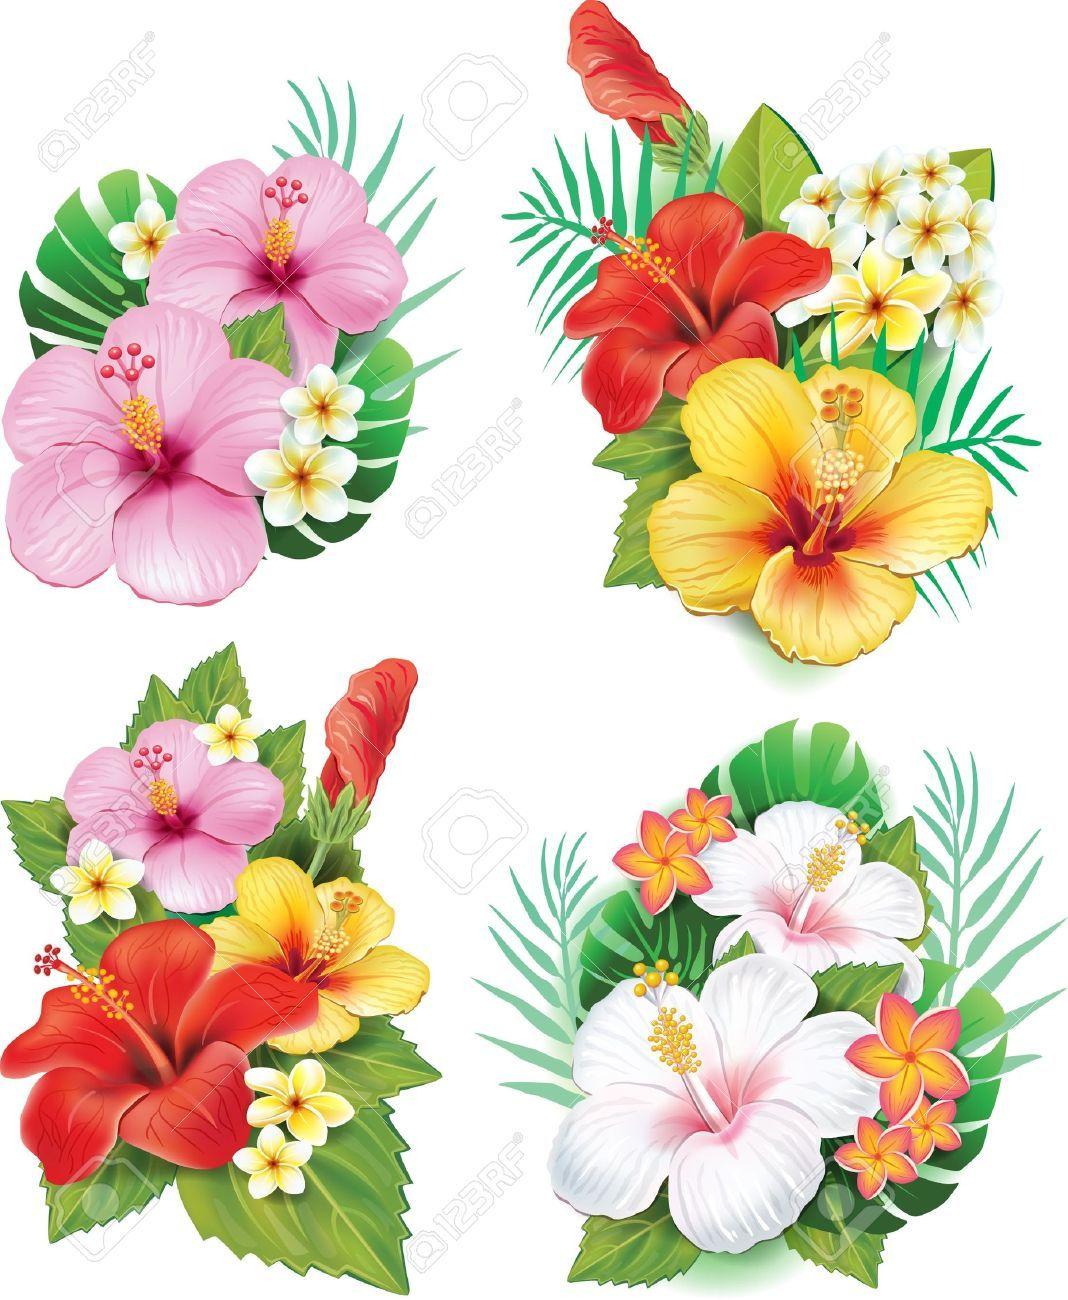 21670794 arrangement from hibiscus flowers stock vector hawaiian 21670794 arrangement from hibiscus flowers stock vector hawaiian hibiscus flowerg 10681300 izmirmasajfo